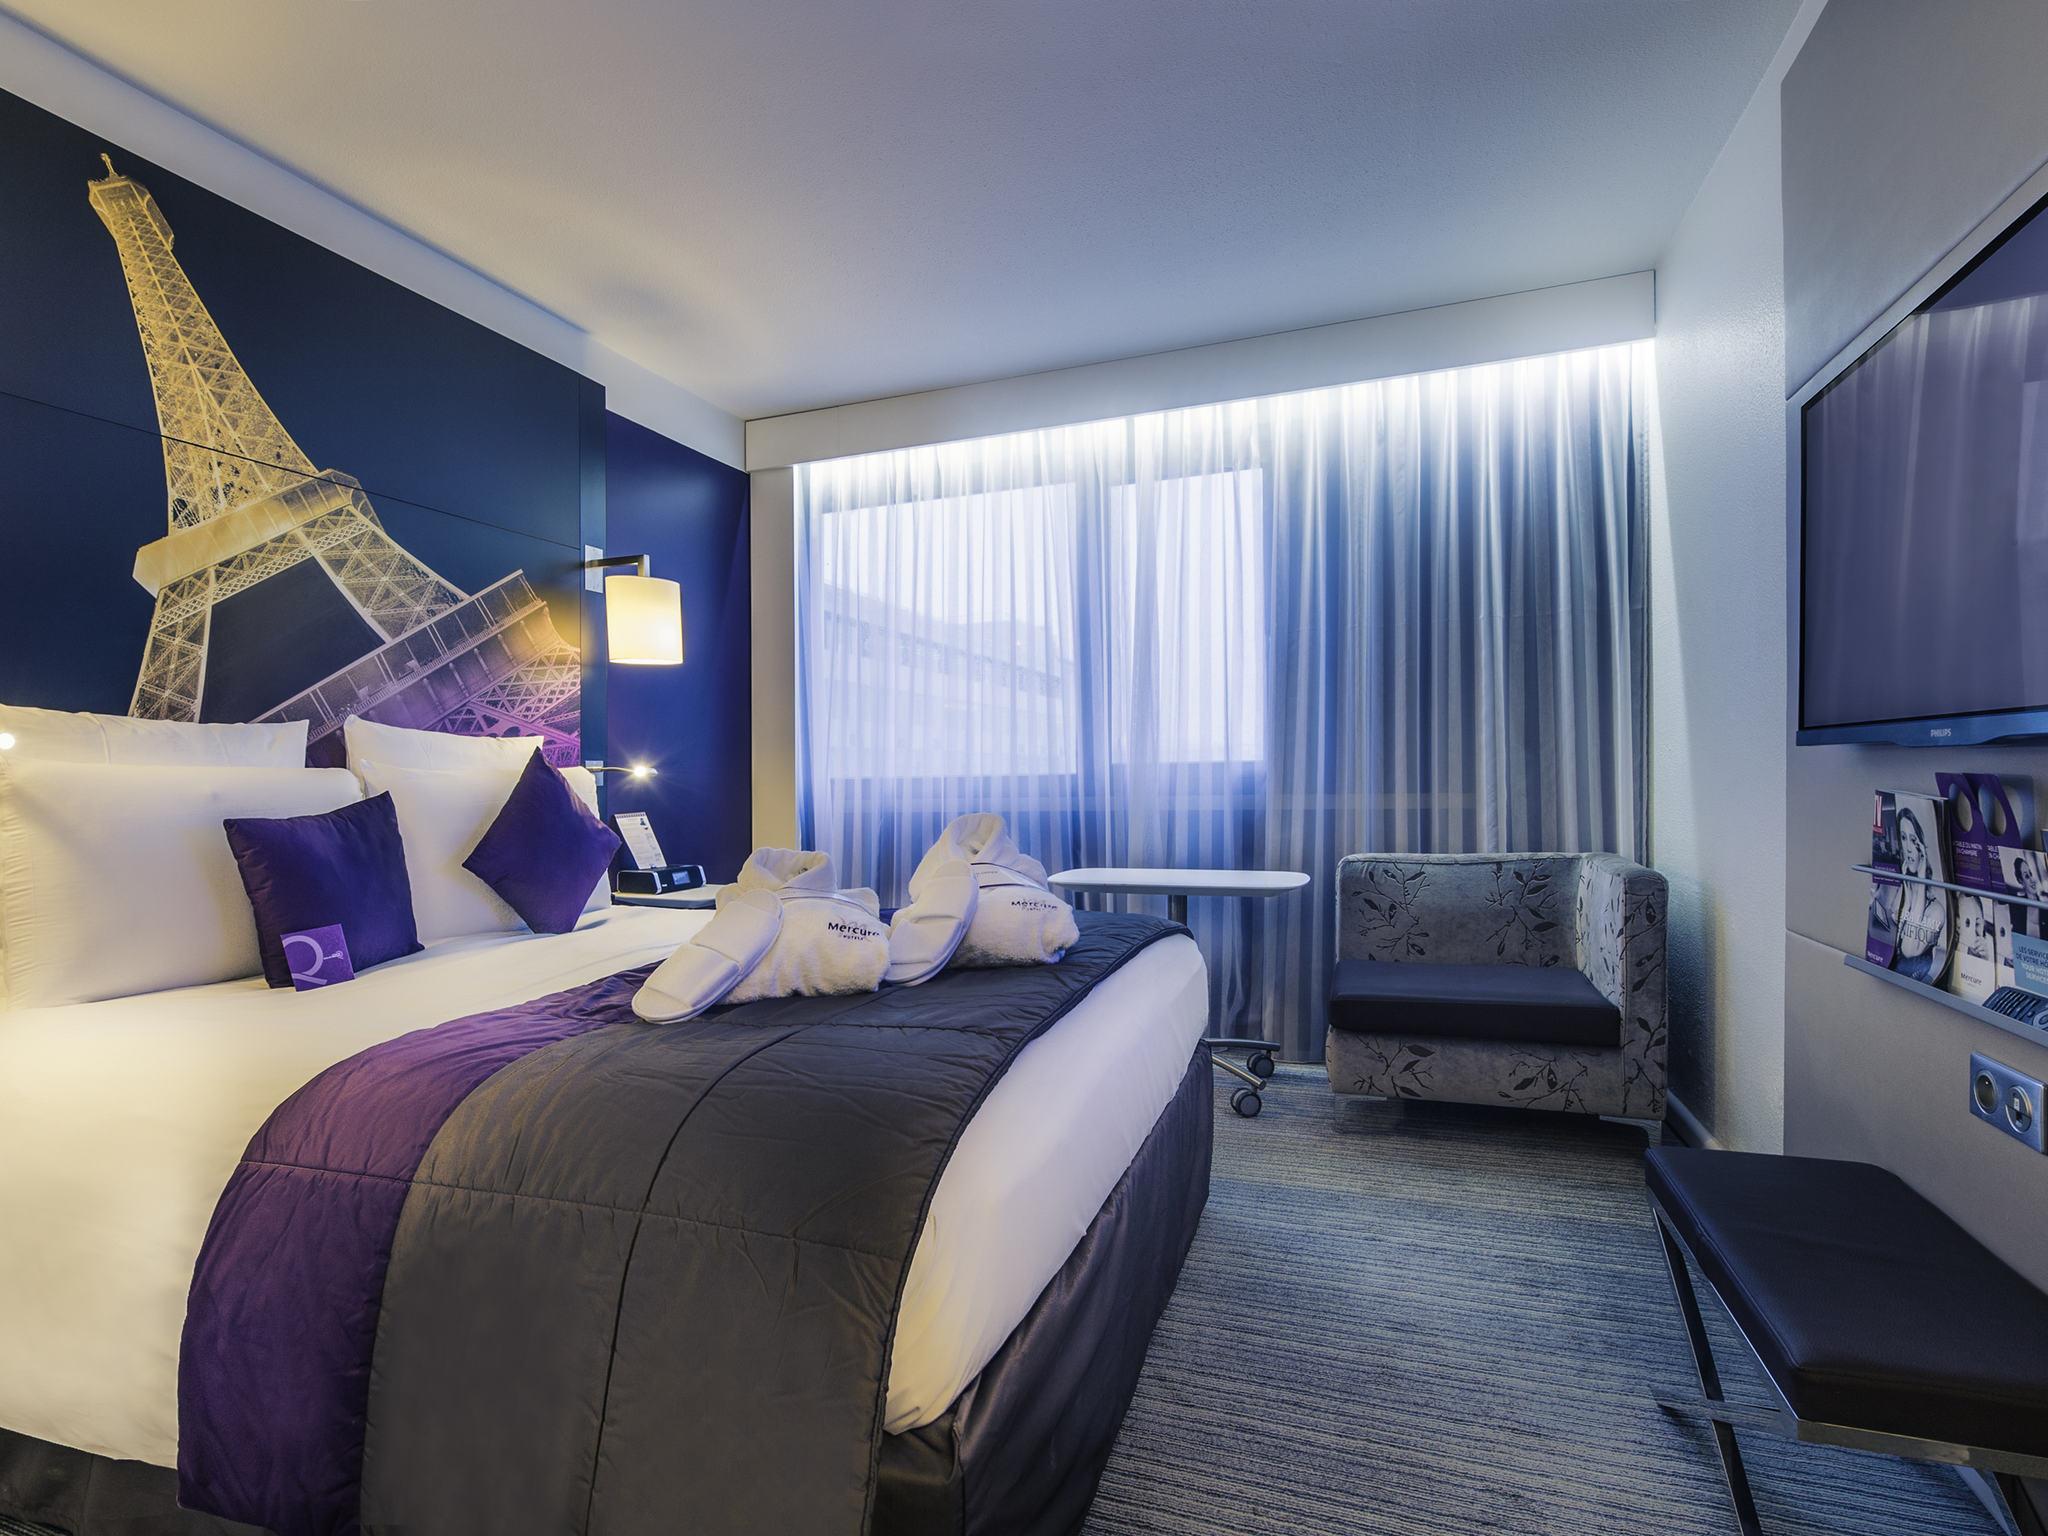 酒店 – 巴黎中心埃菲尔铁塔美居酒店